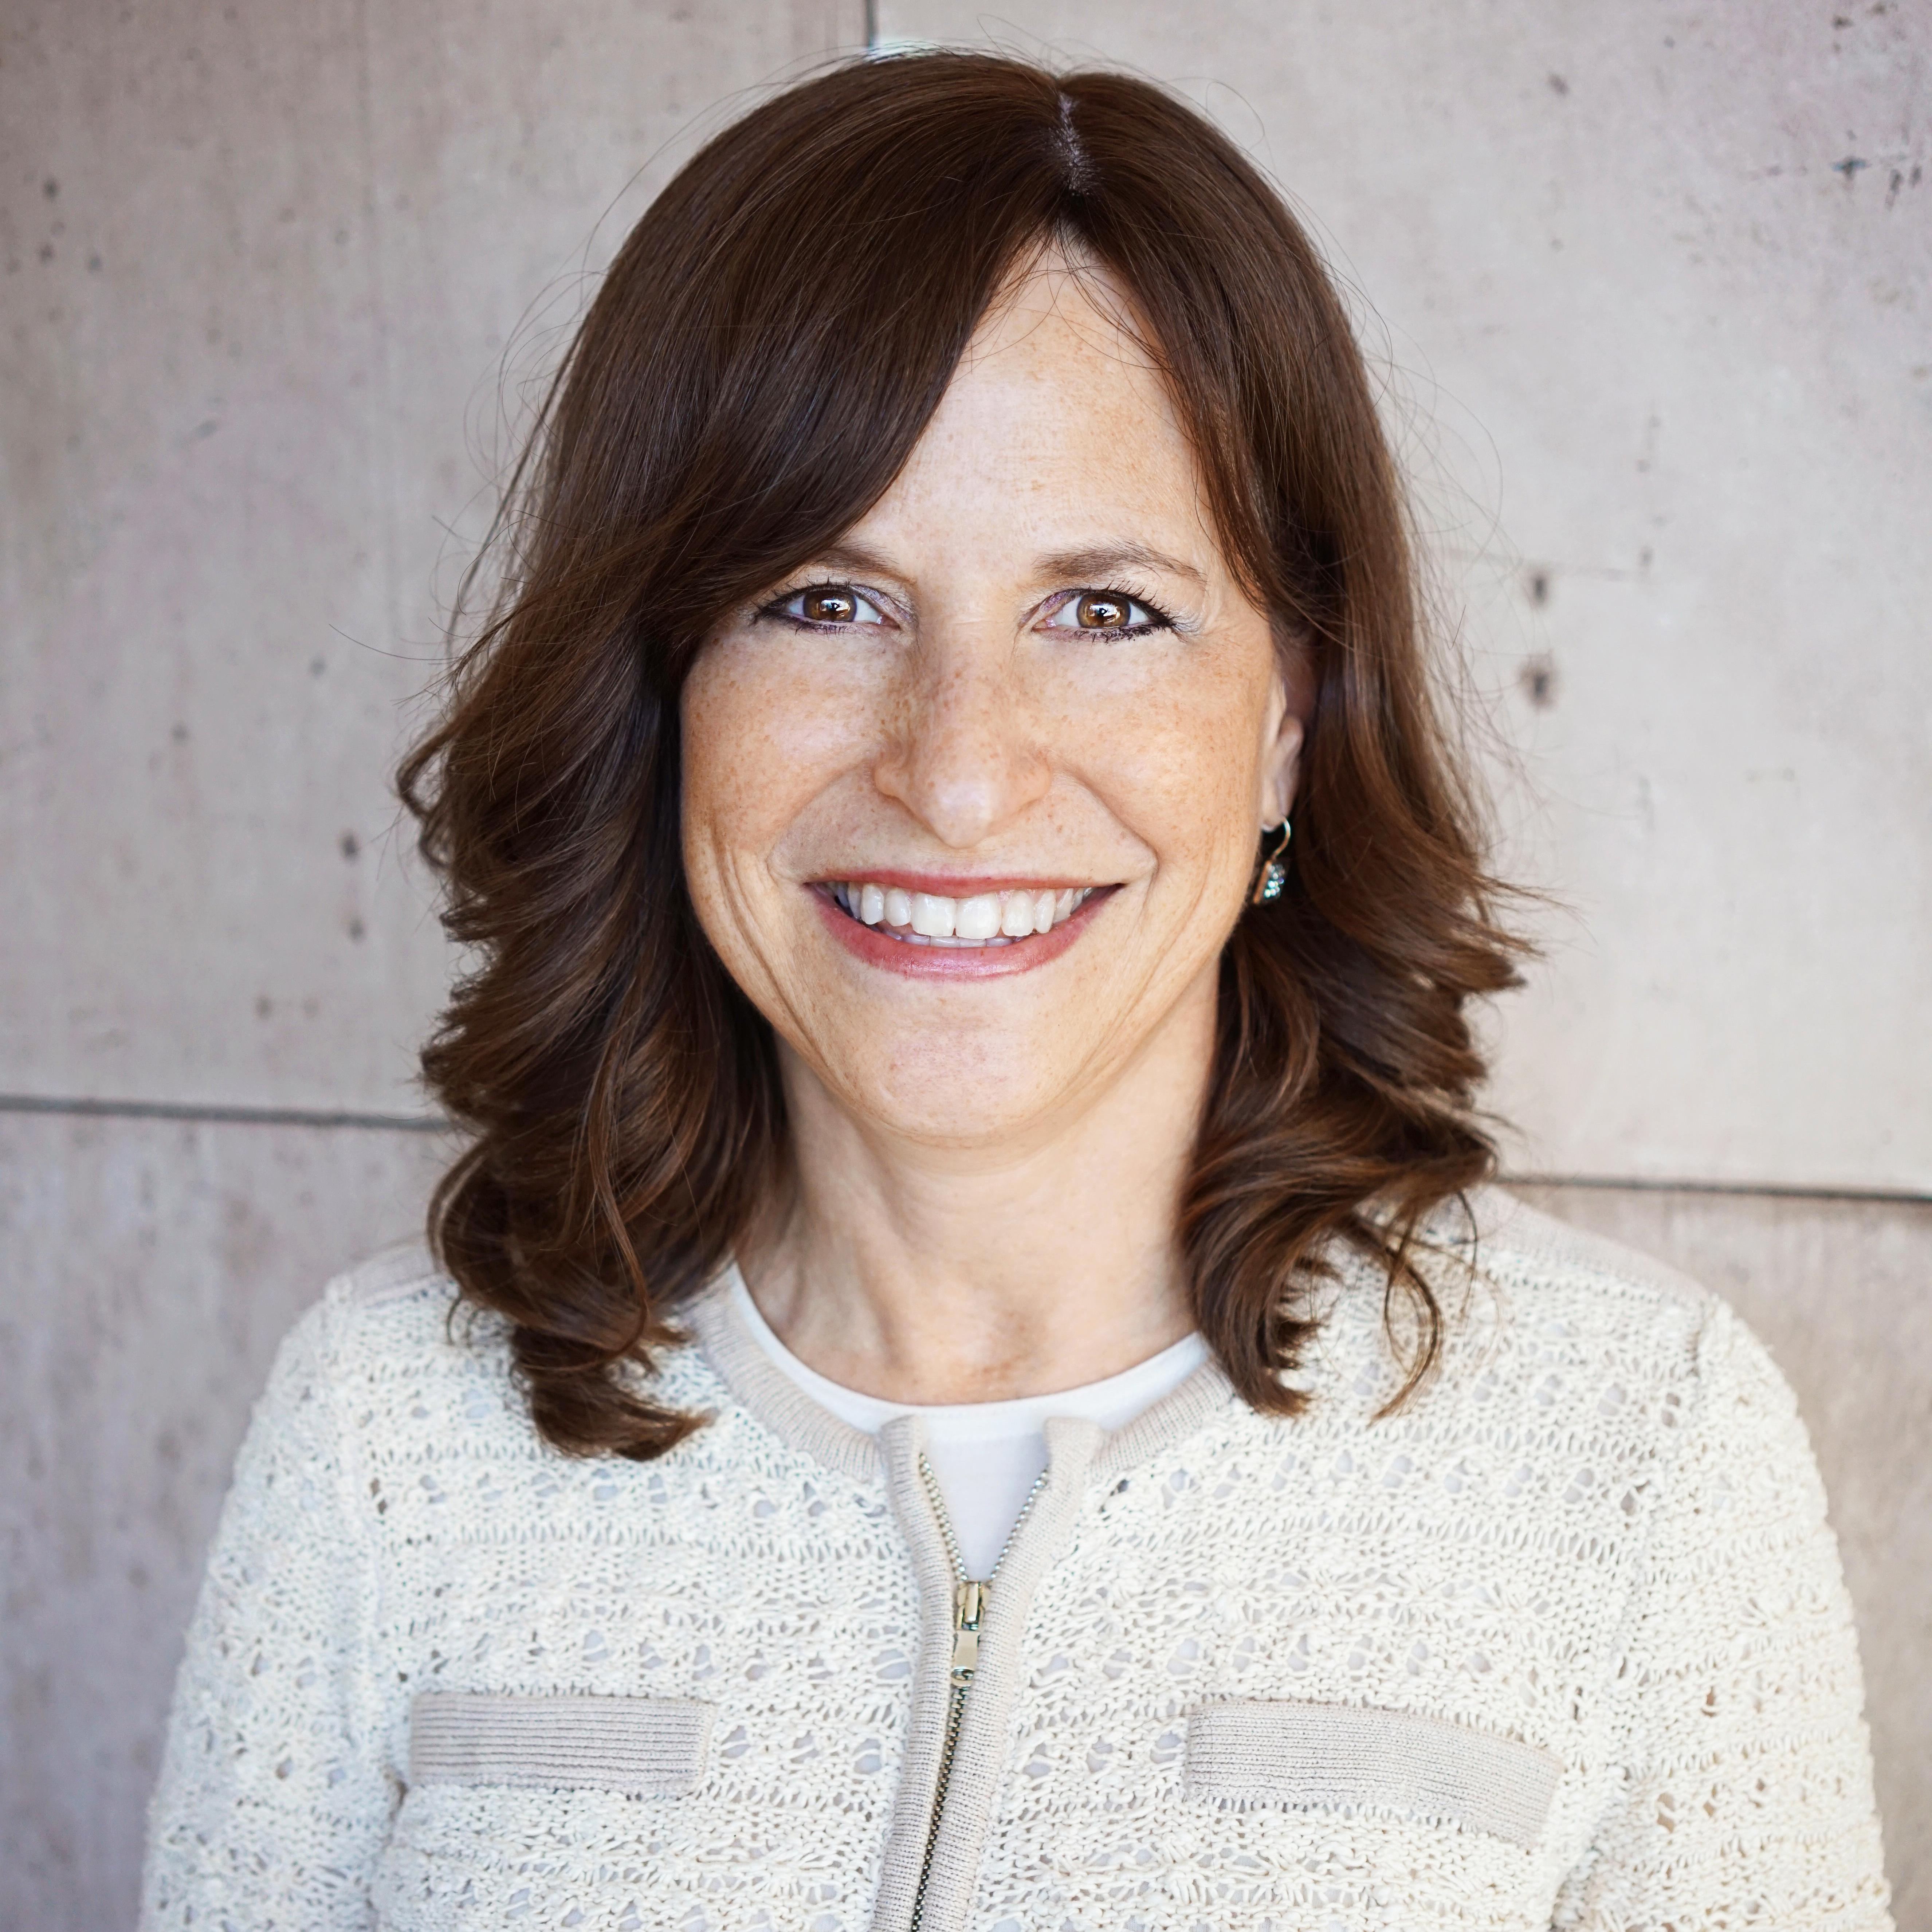 Odelia Danishefsky's Profile Photo